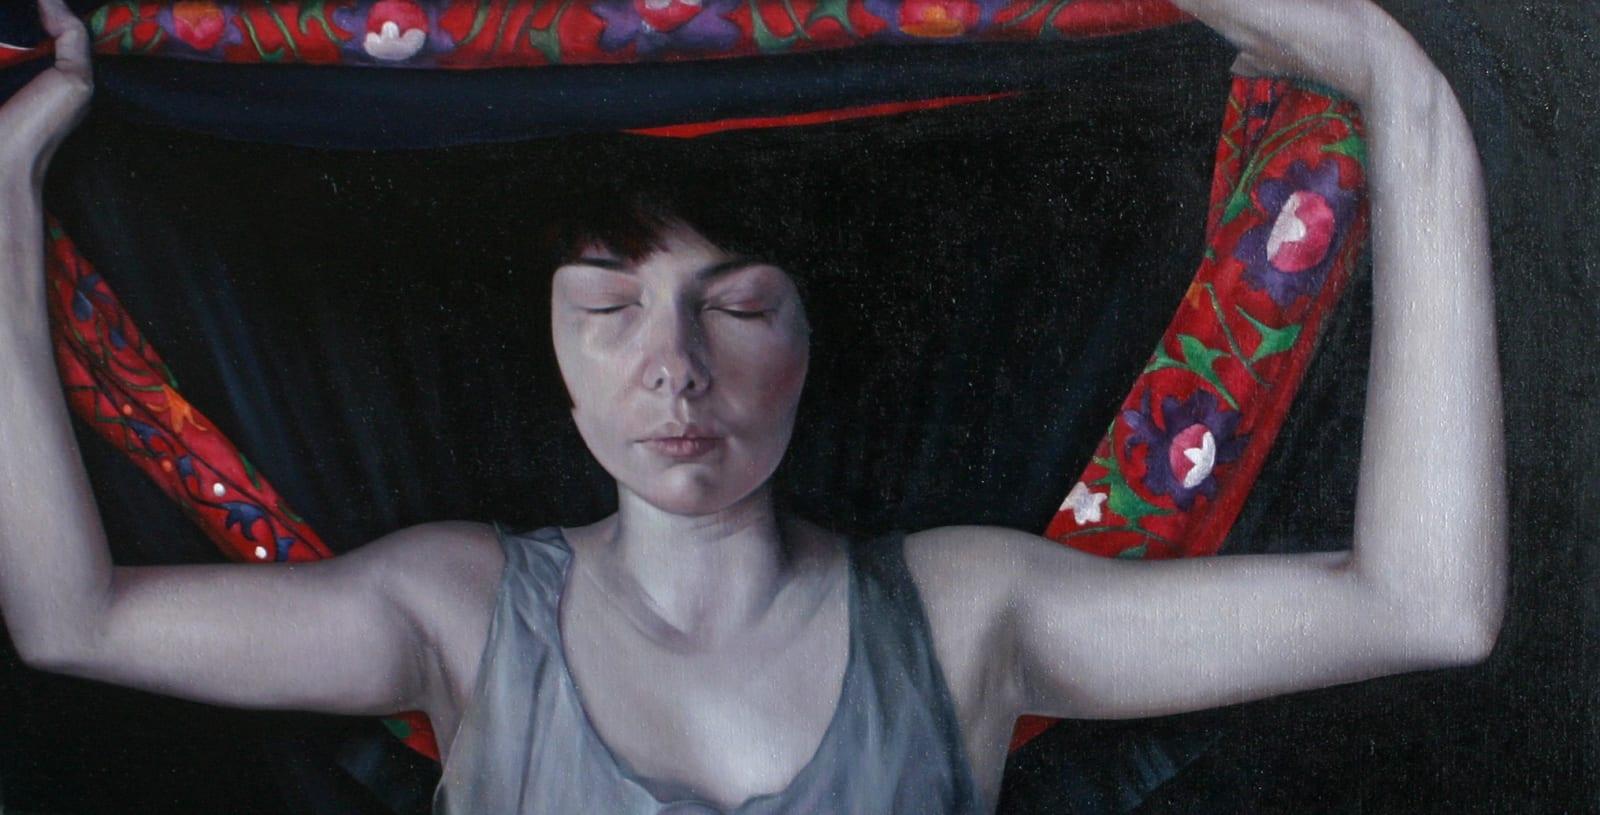 Sheila Pomeroy Caul Oil on panel 88 x 170 cm